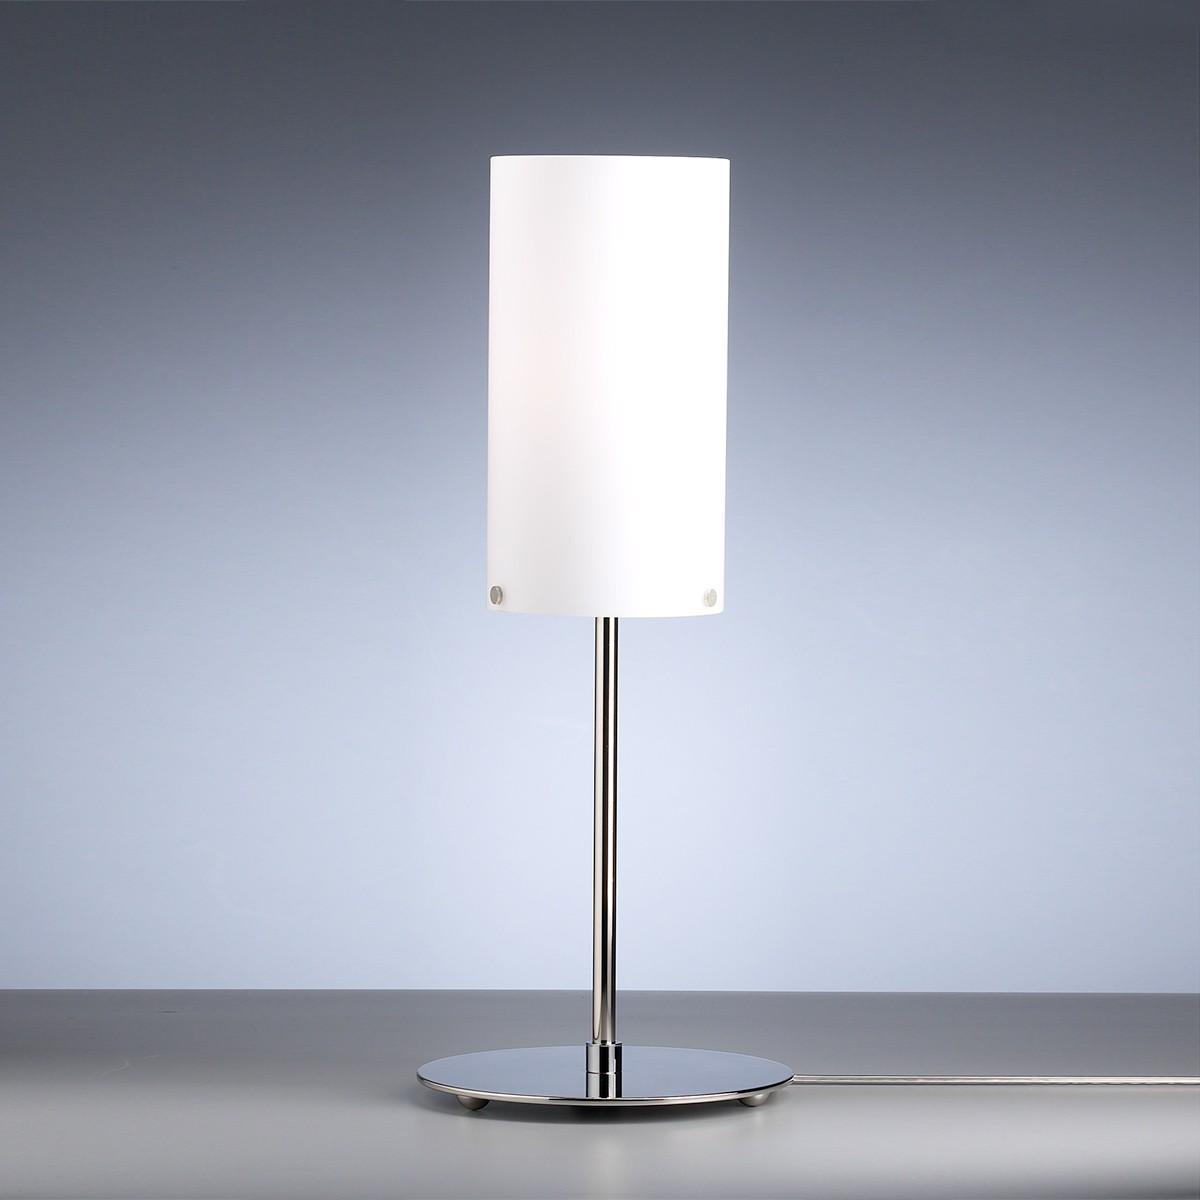 Tecnolumen TLWS 04 Tischleuchte, Gestell: Nickel, Glas: opalüberfangen